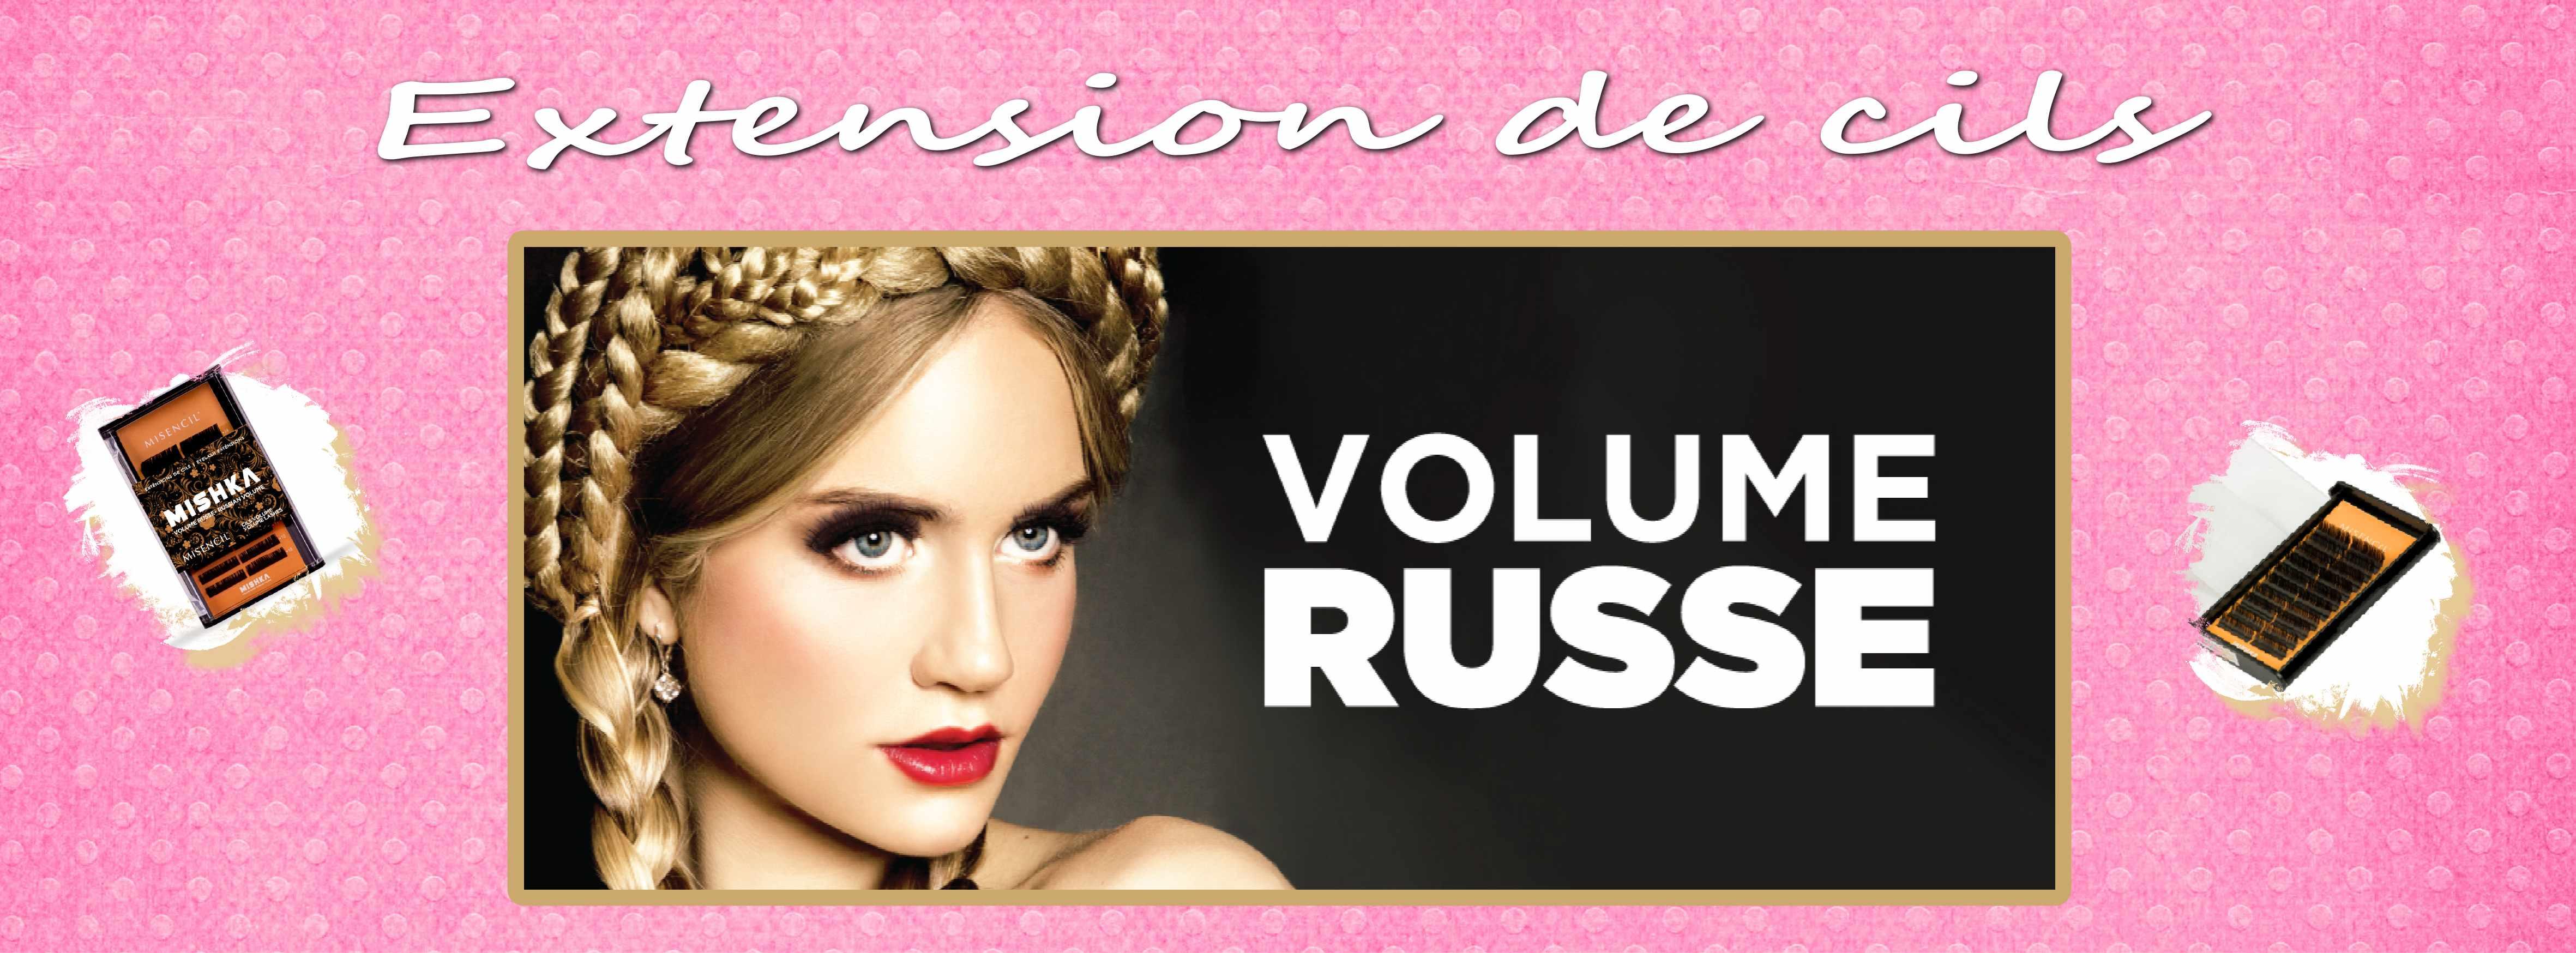 Russe Volume Russe Volume Institut Russe Beaute Volume Tara Institut Tara Beaute Institut jq43L5AR